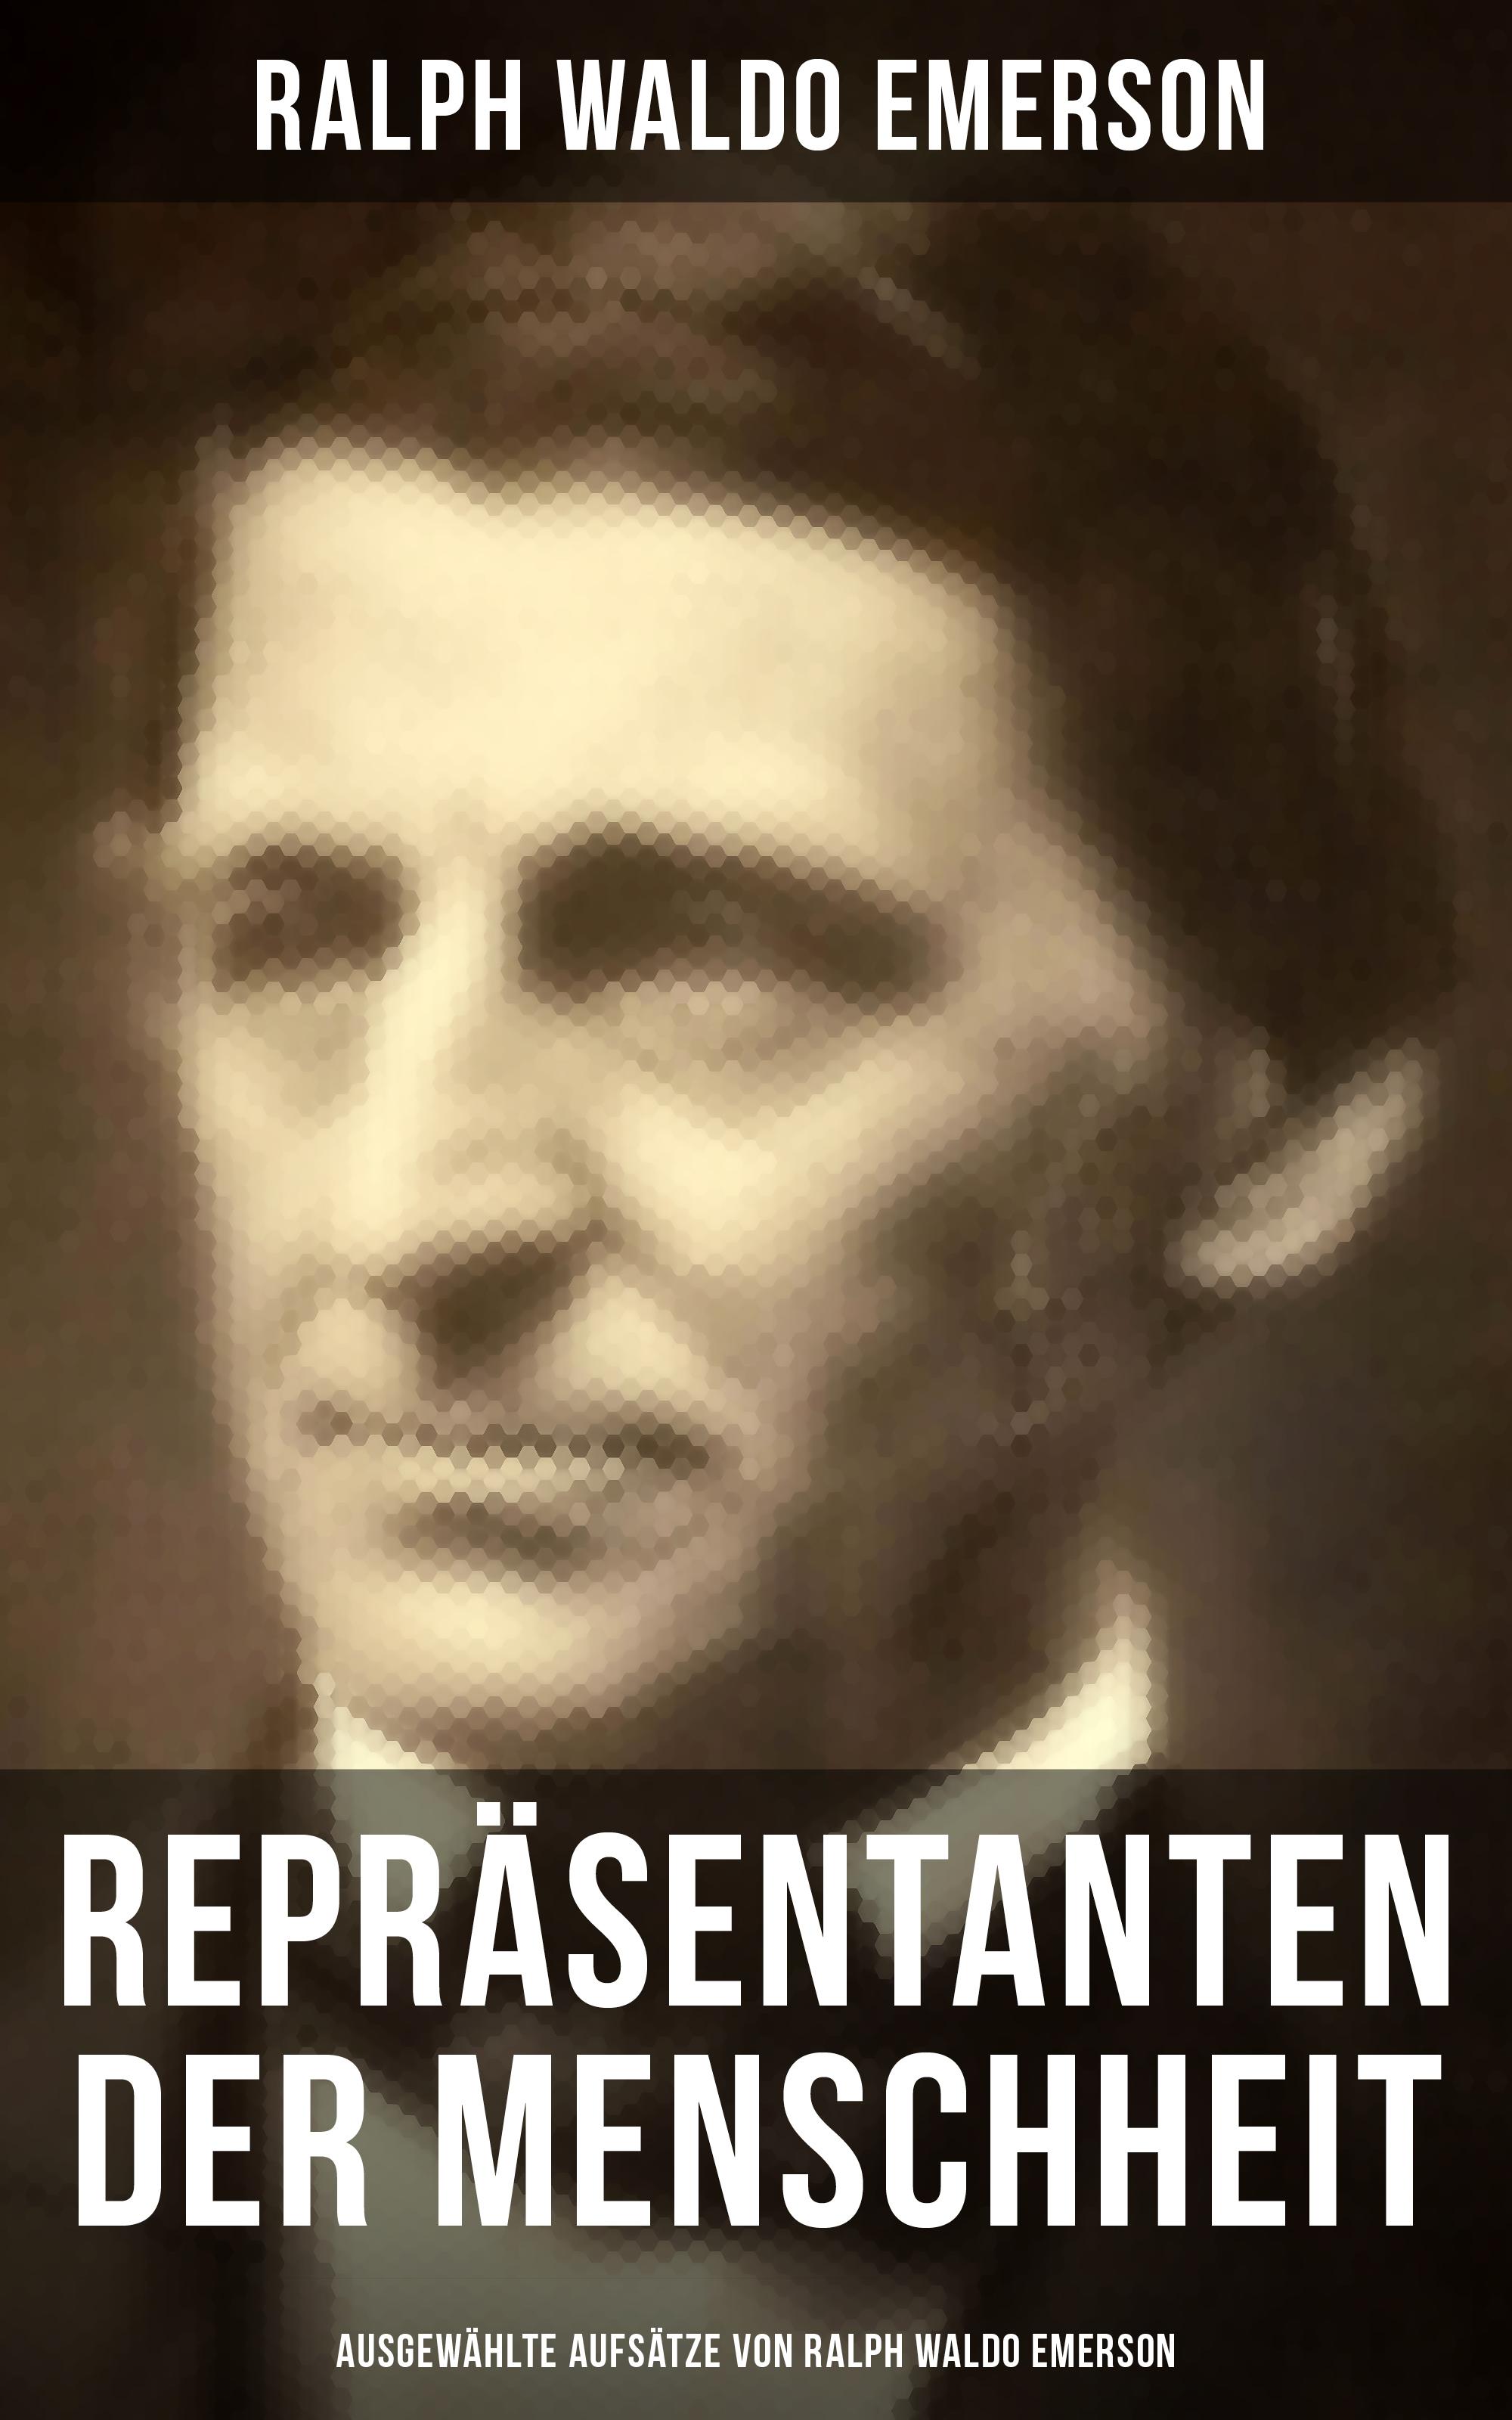 Ralph Waldo Emerson Repräsentanten der Menschheit (Ausgewählte Aufsätze von Ralph Waldo Emerson)